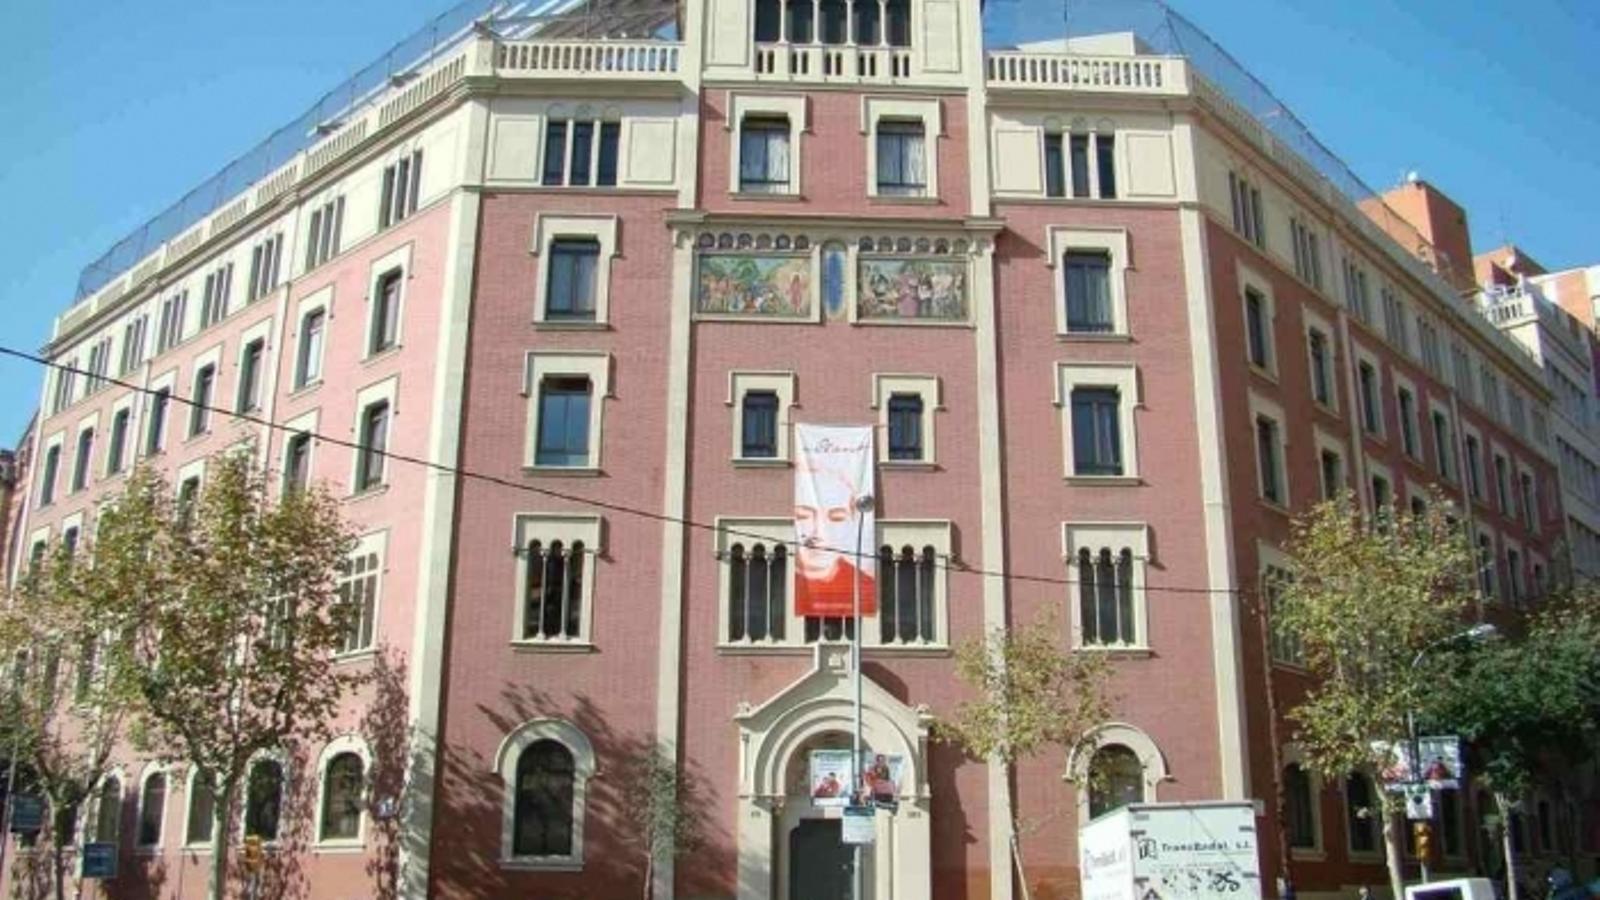 La Fiscalia obre una investigació pels suposats abusos sexuals a l'Escola Claret de Barcelona